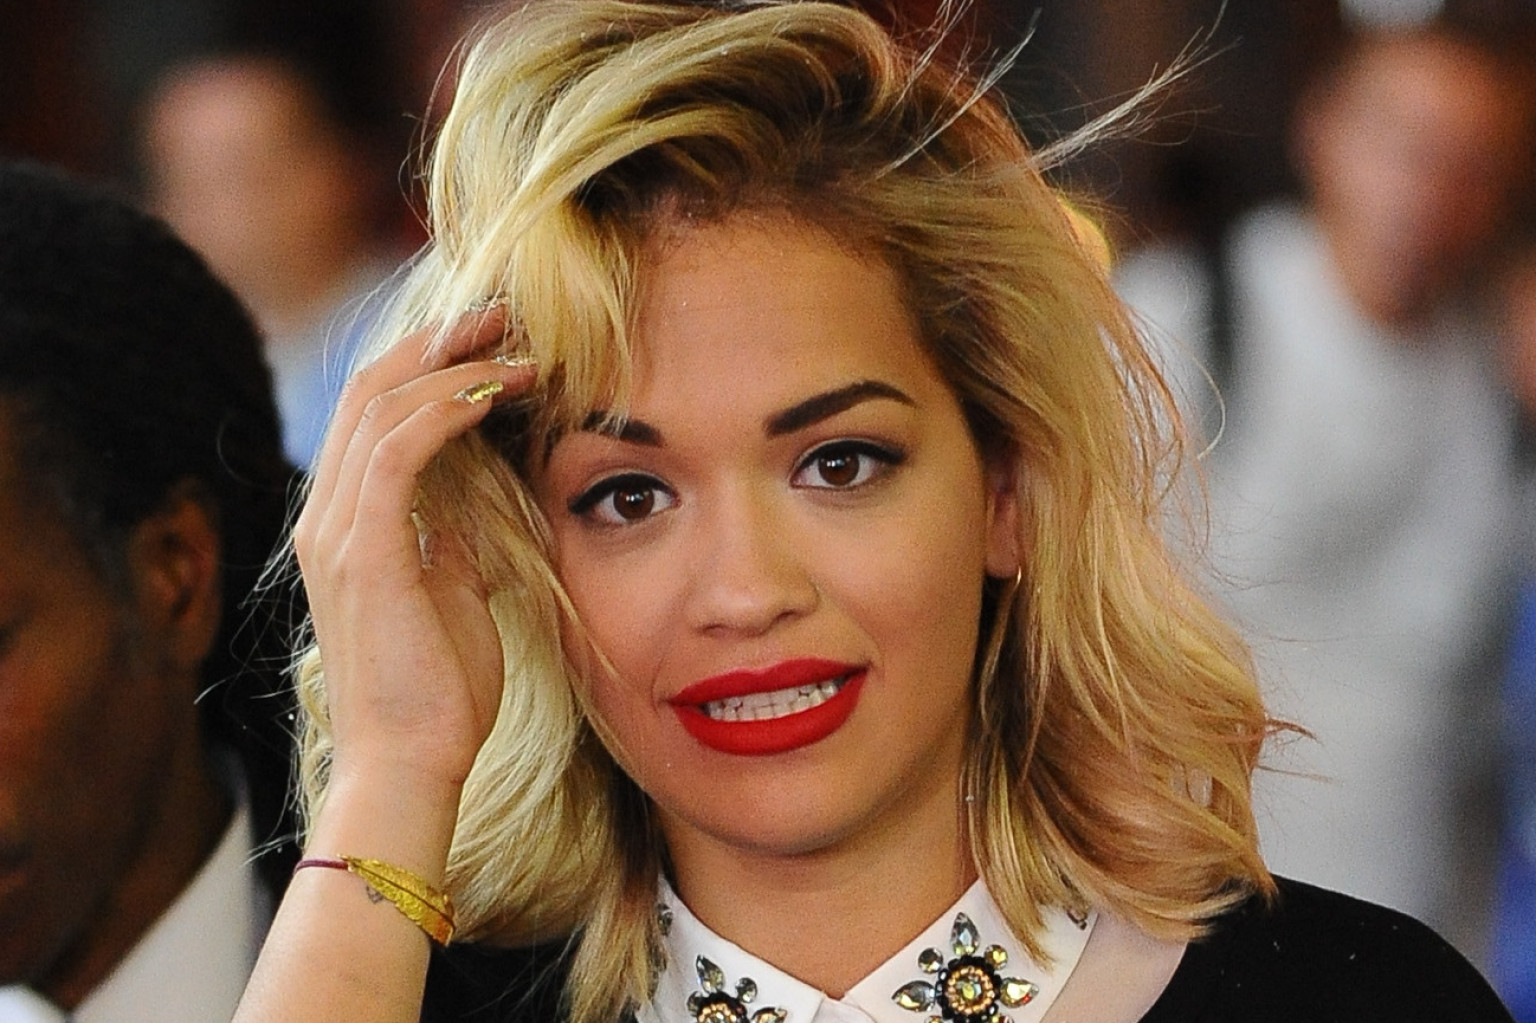 Rita Ora Hair Singer Dyes Her Blue Hair Yellow: Rita Ora's Hair Is A Total Throwback (PHOTOS)